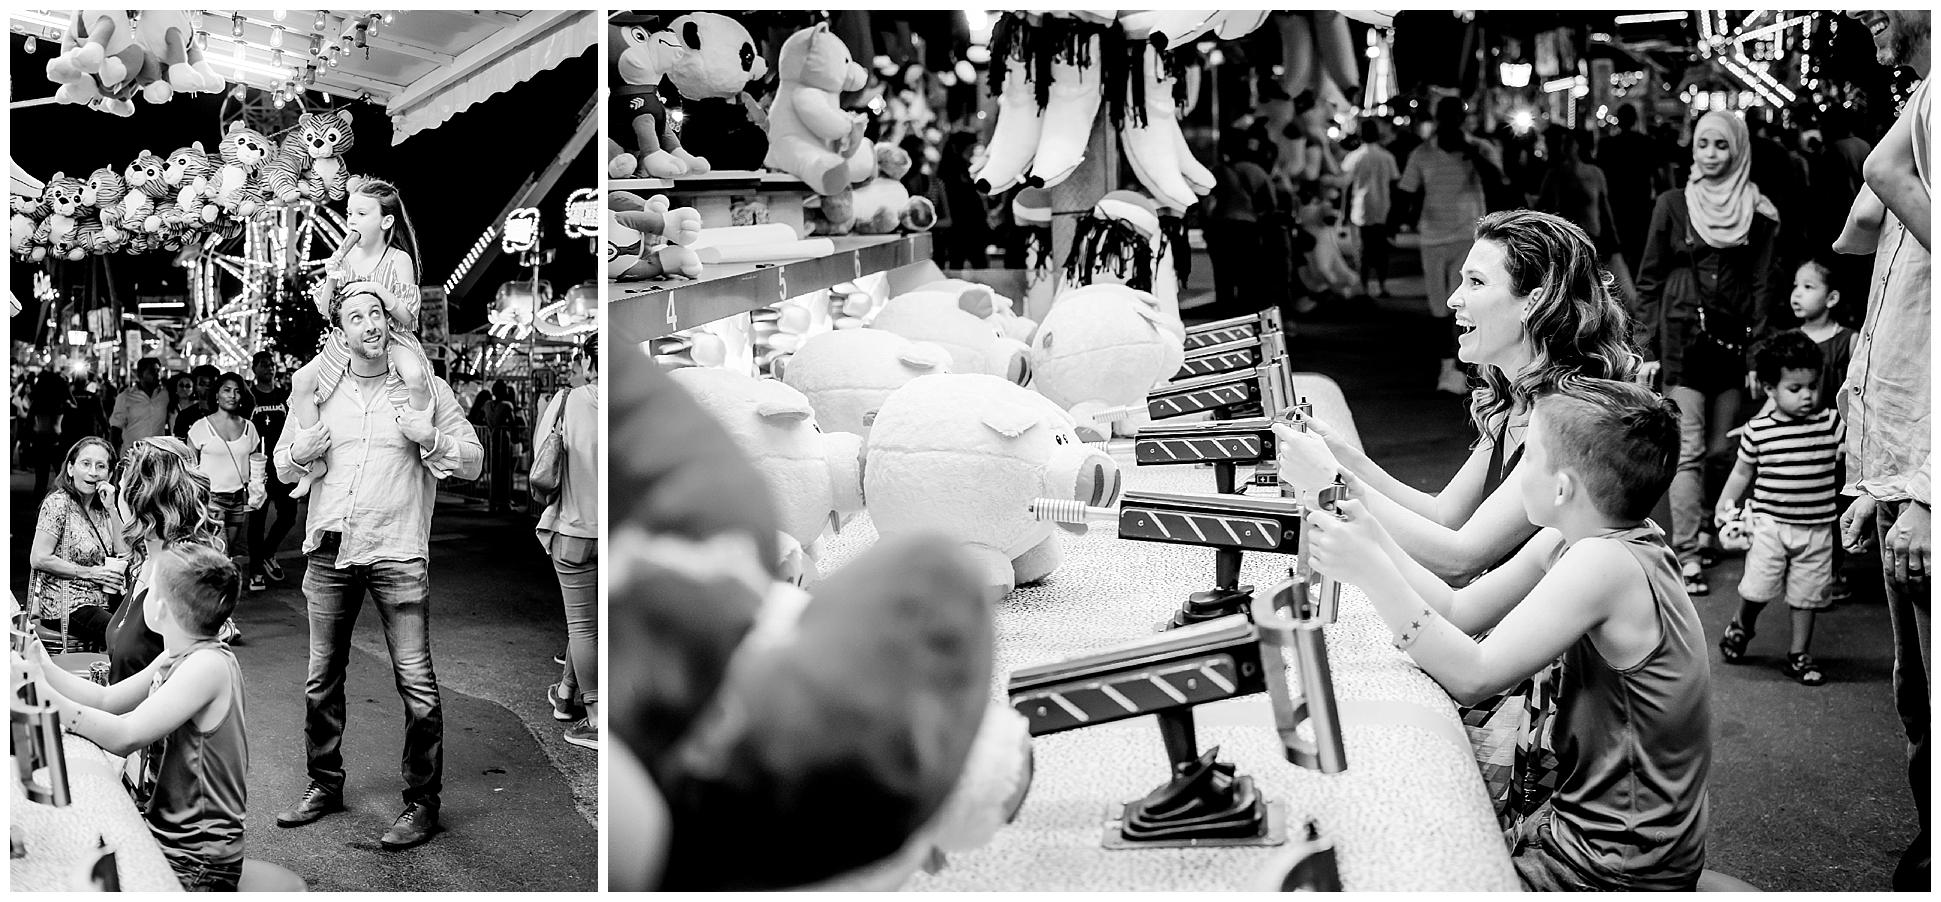 Tampa-colorful-fair-amusement park-dani family session_0030.jpg